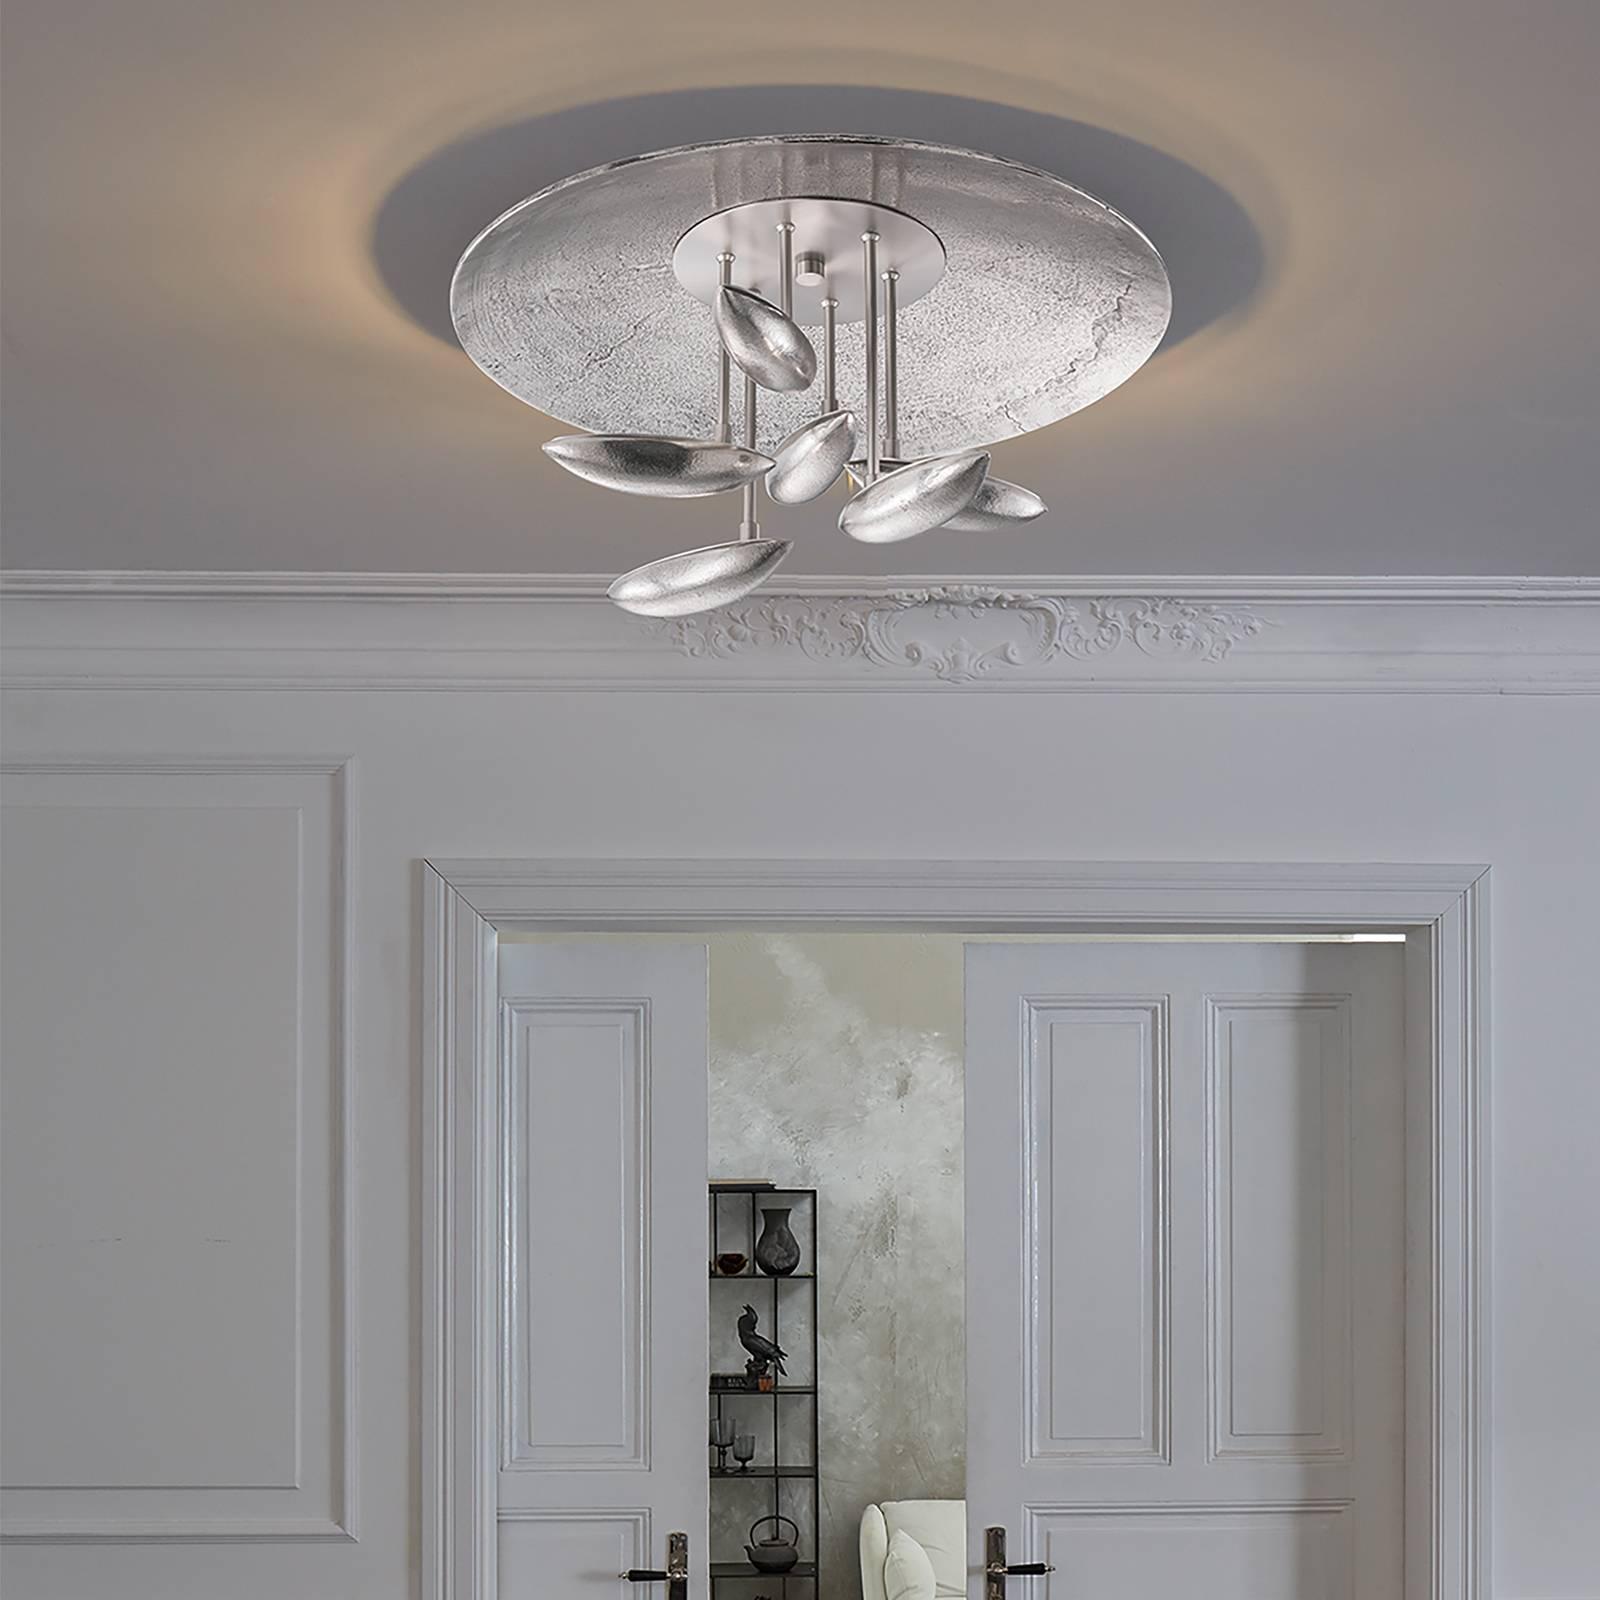 LED-kattovalaisin Forla Ø 50, säädettävä valoväri